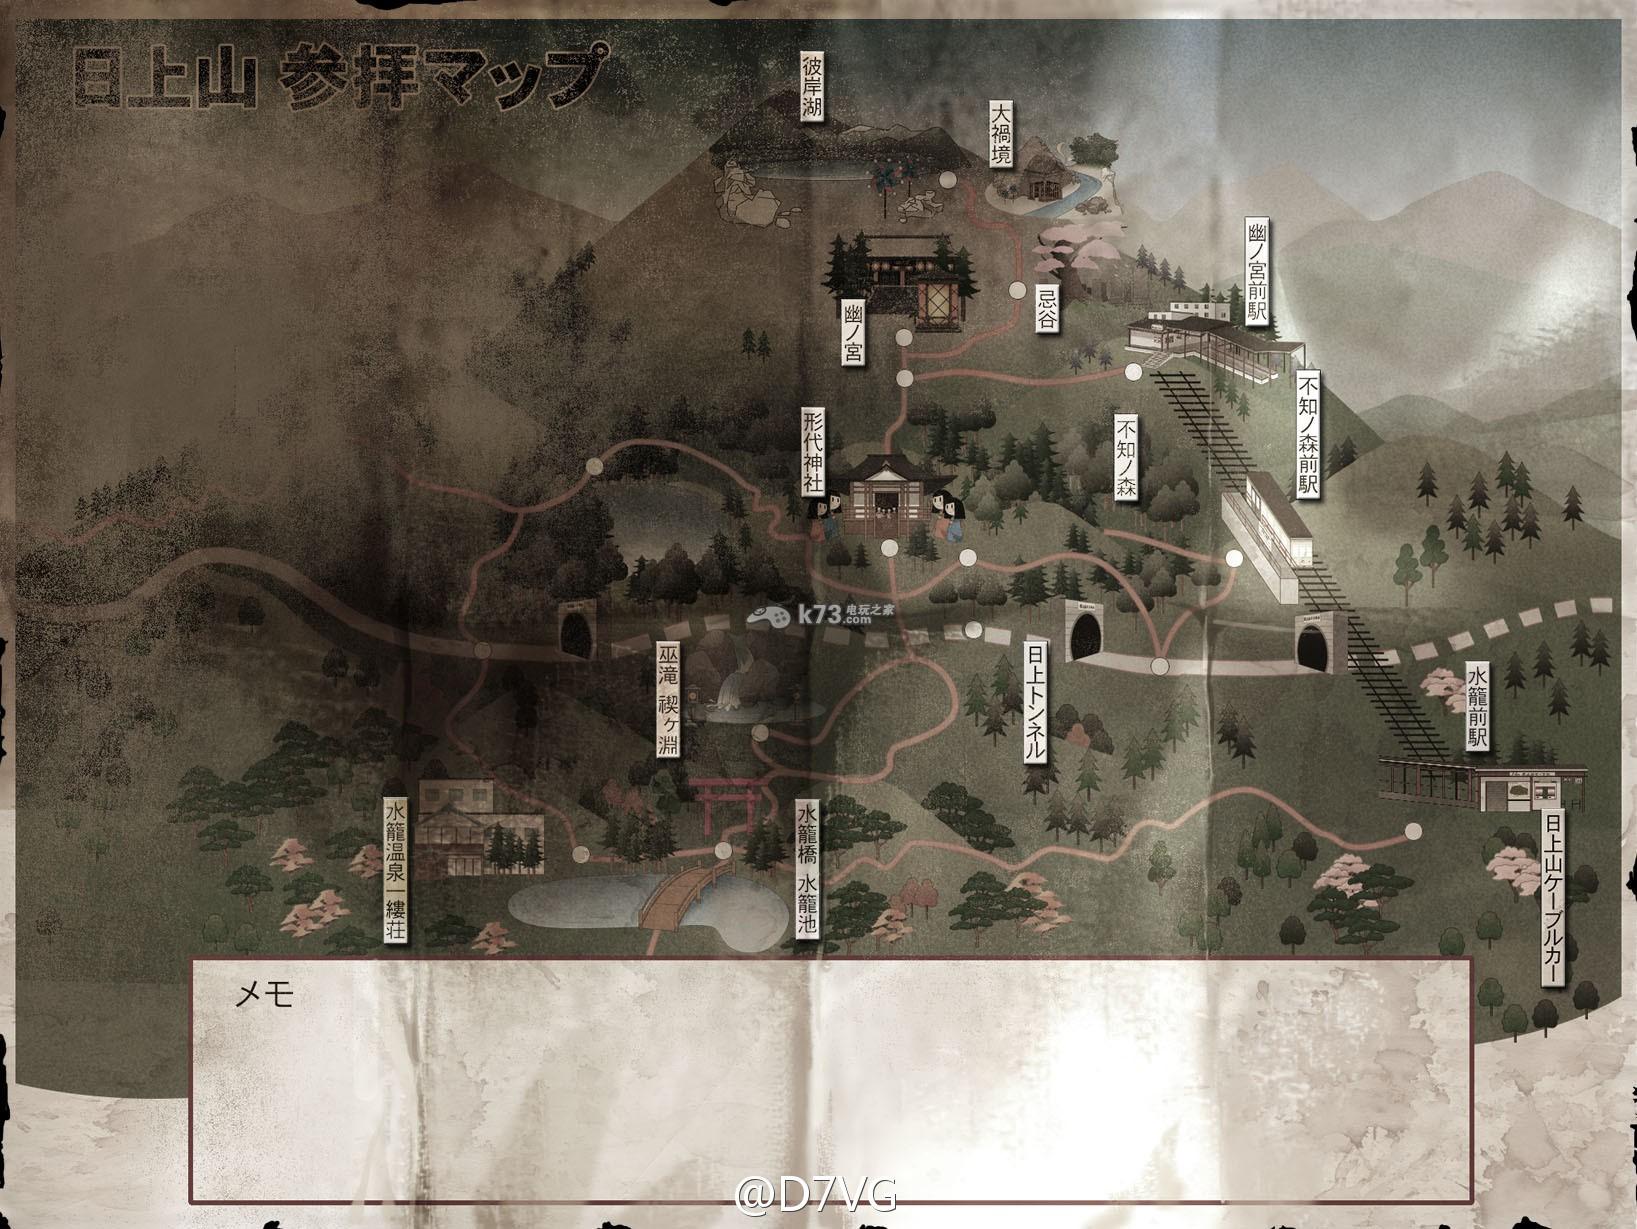 零濡鸦之巫女登场人物介绍及日上山地图一览